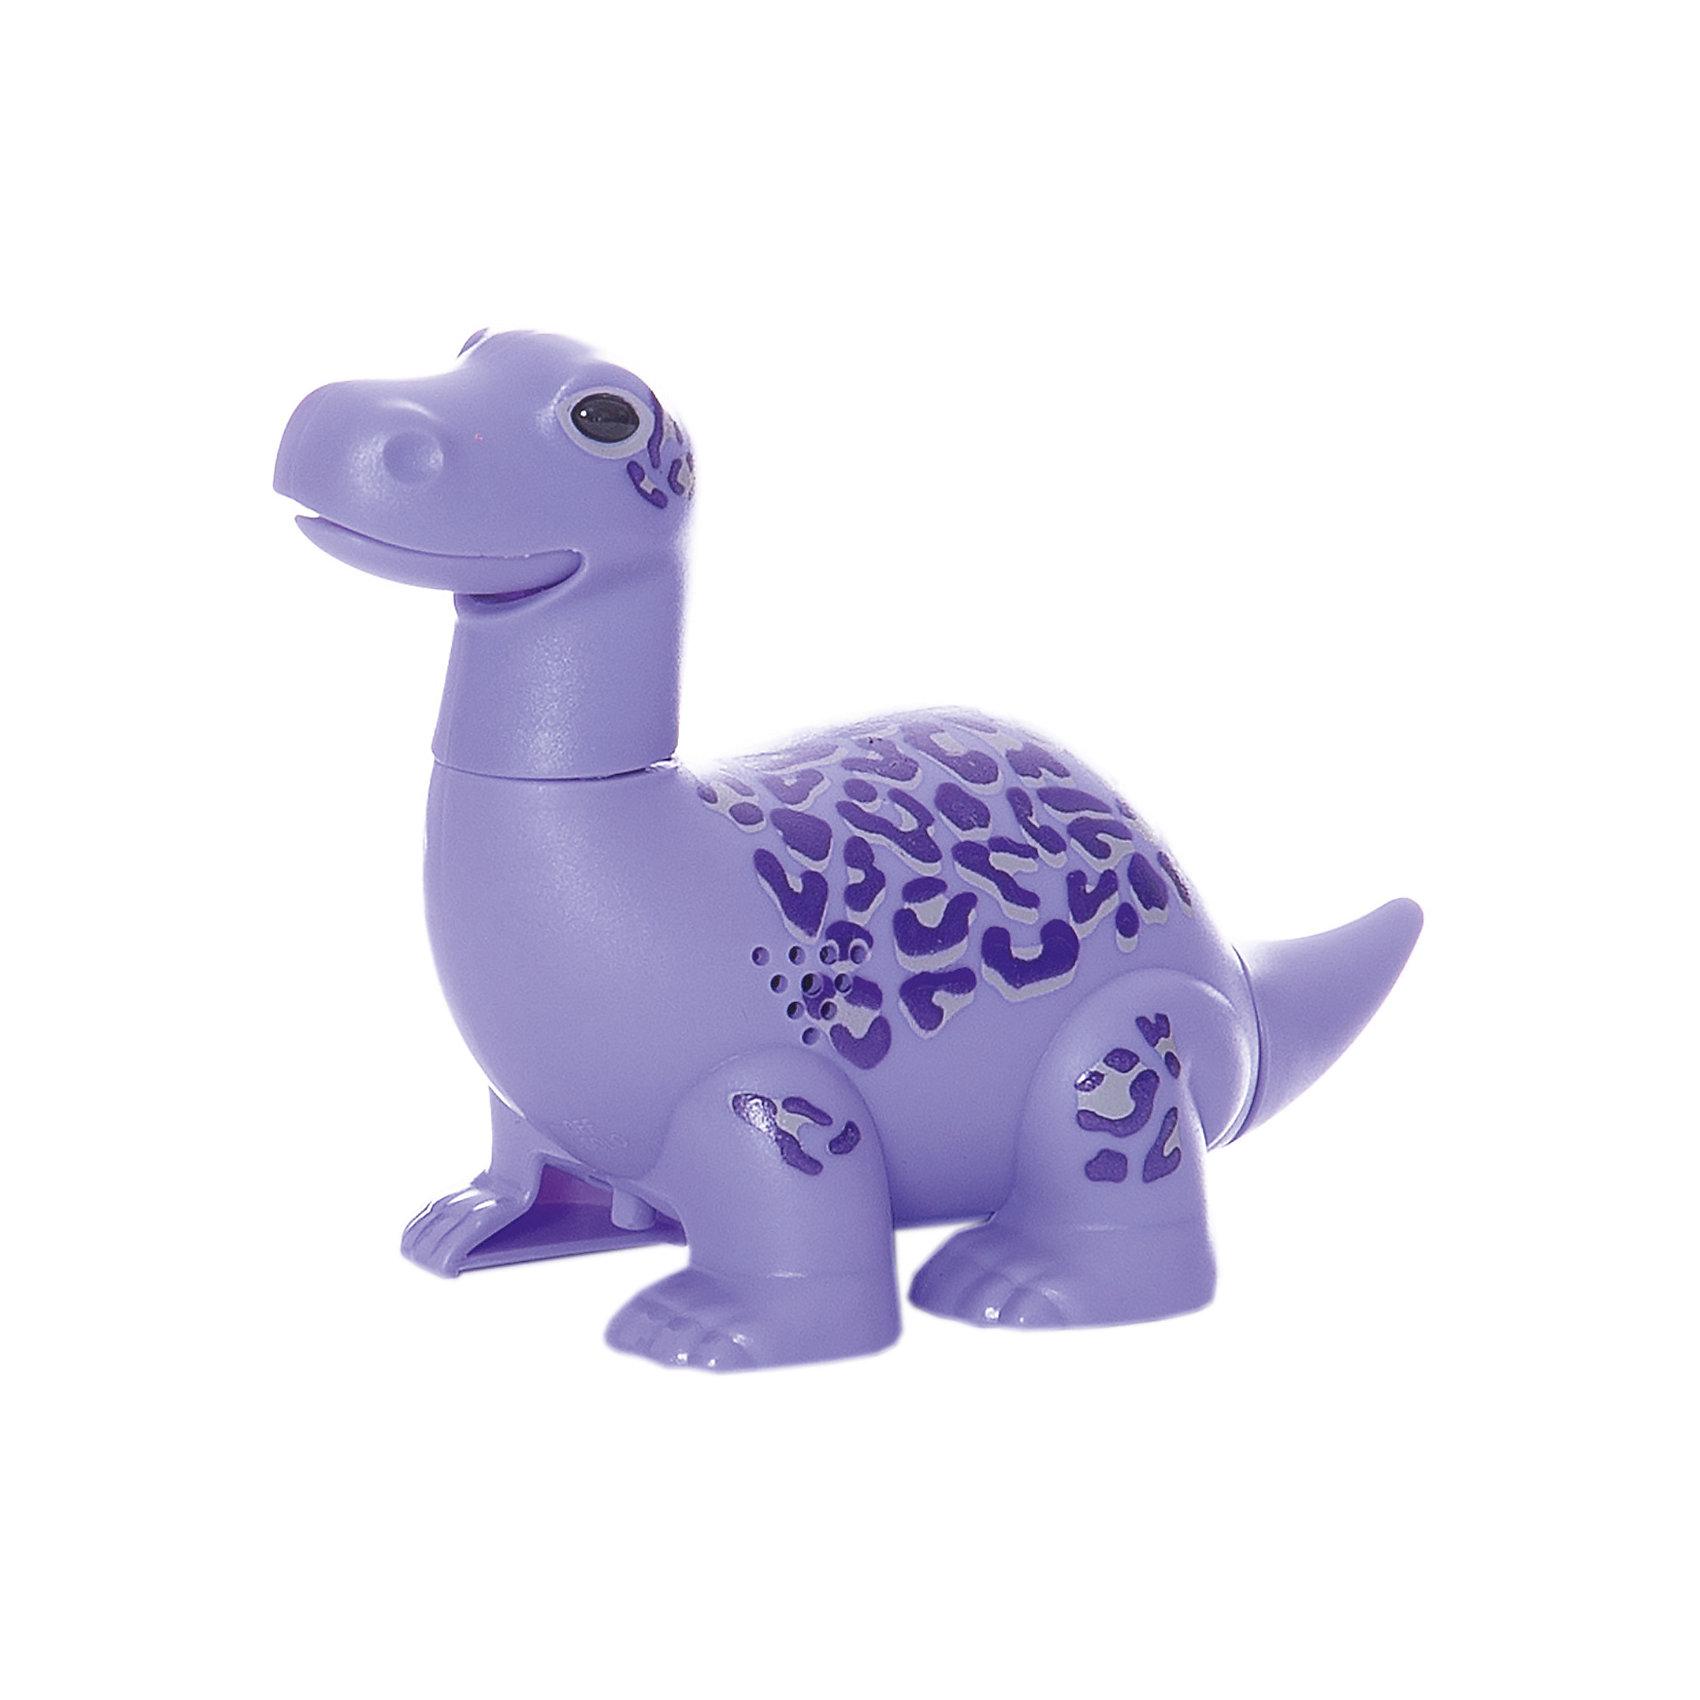 Динозавр Max, фиолетовый, DigiBirds